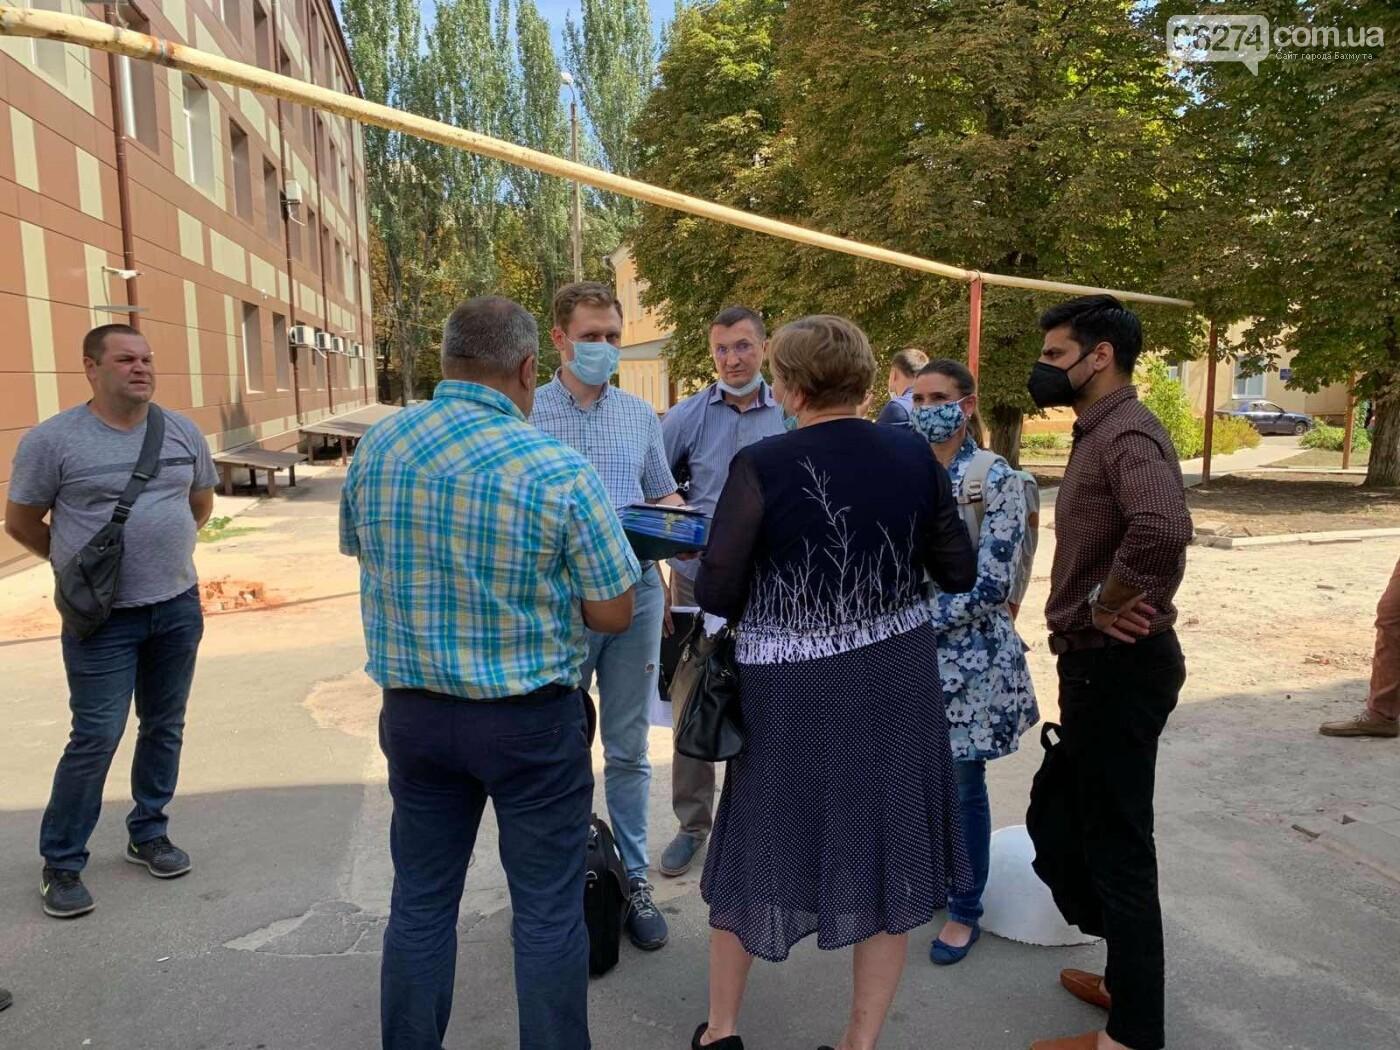 Состоялось рабочее совещание по вопросу строительства приемного отделения экстренной медицины, фото-1